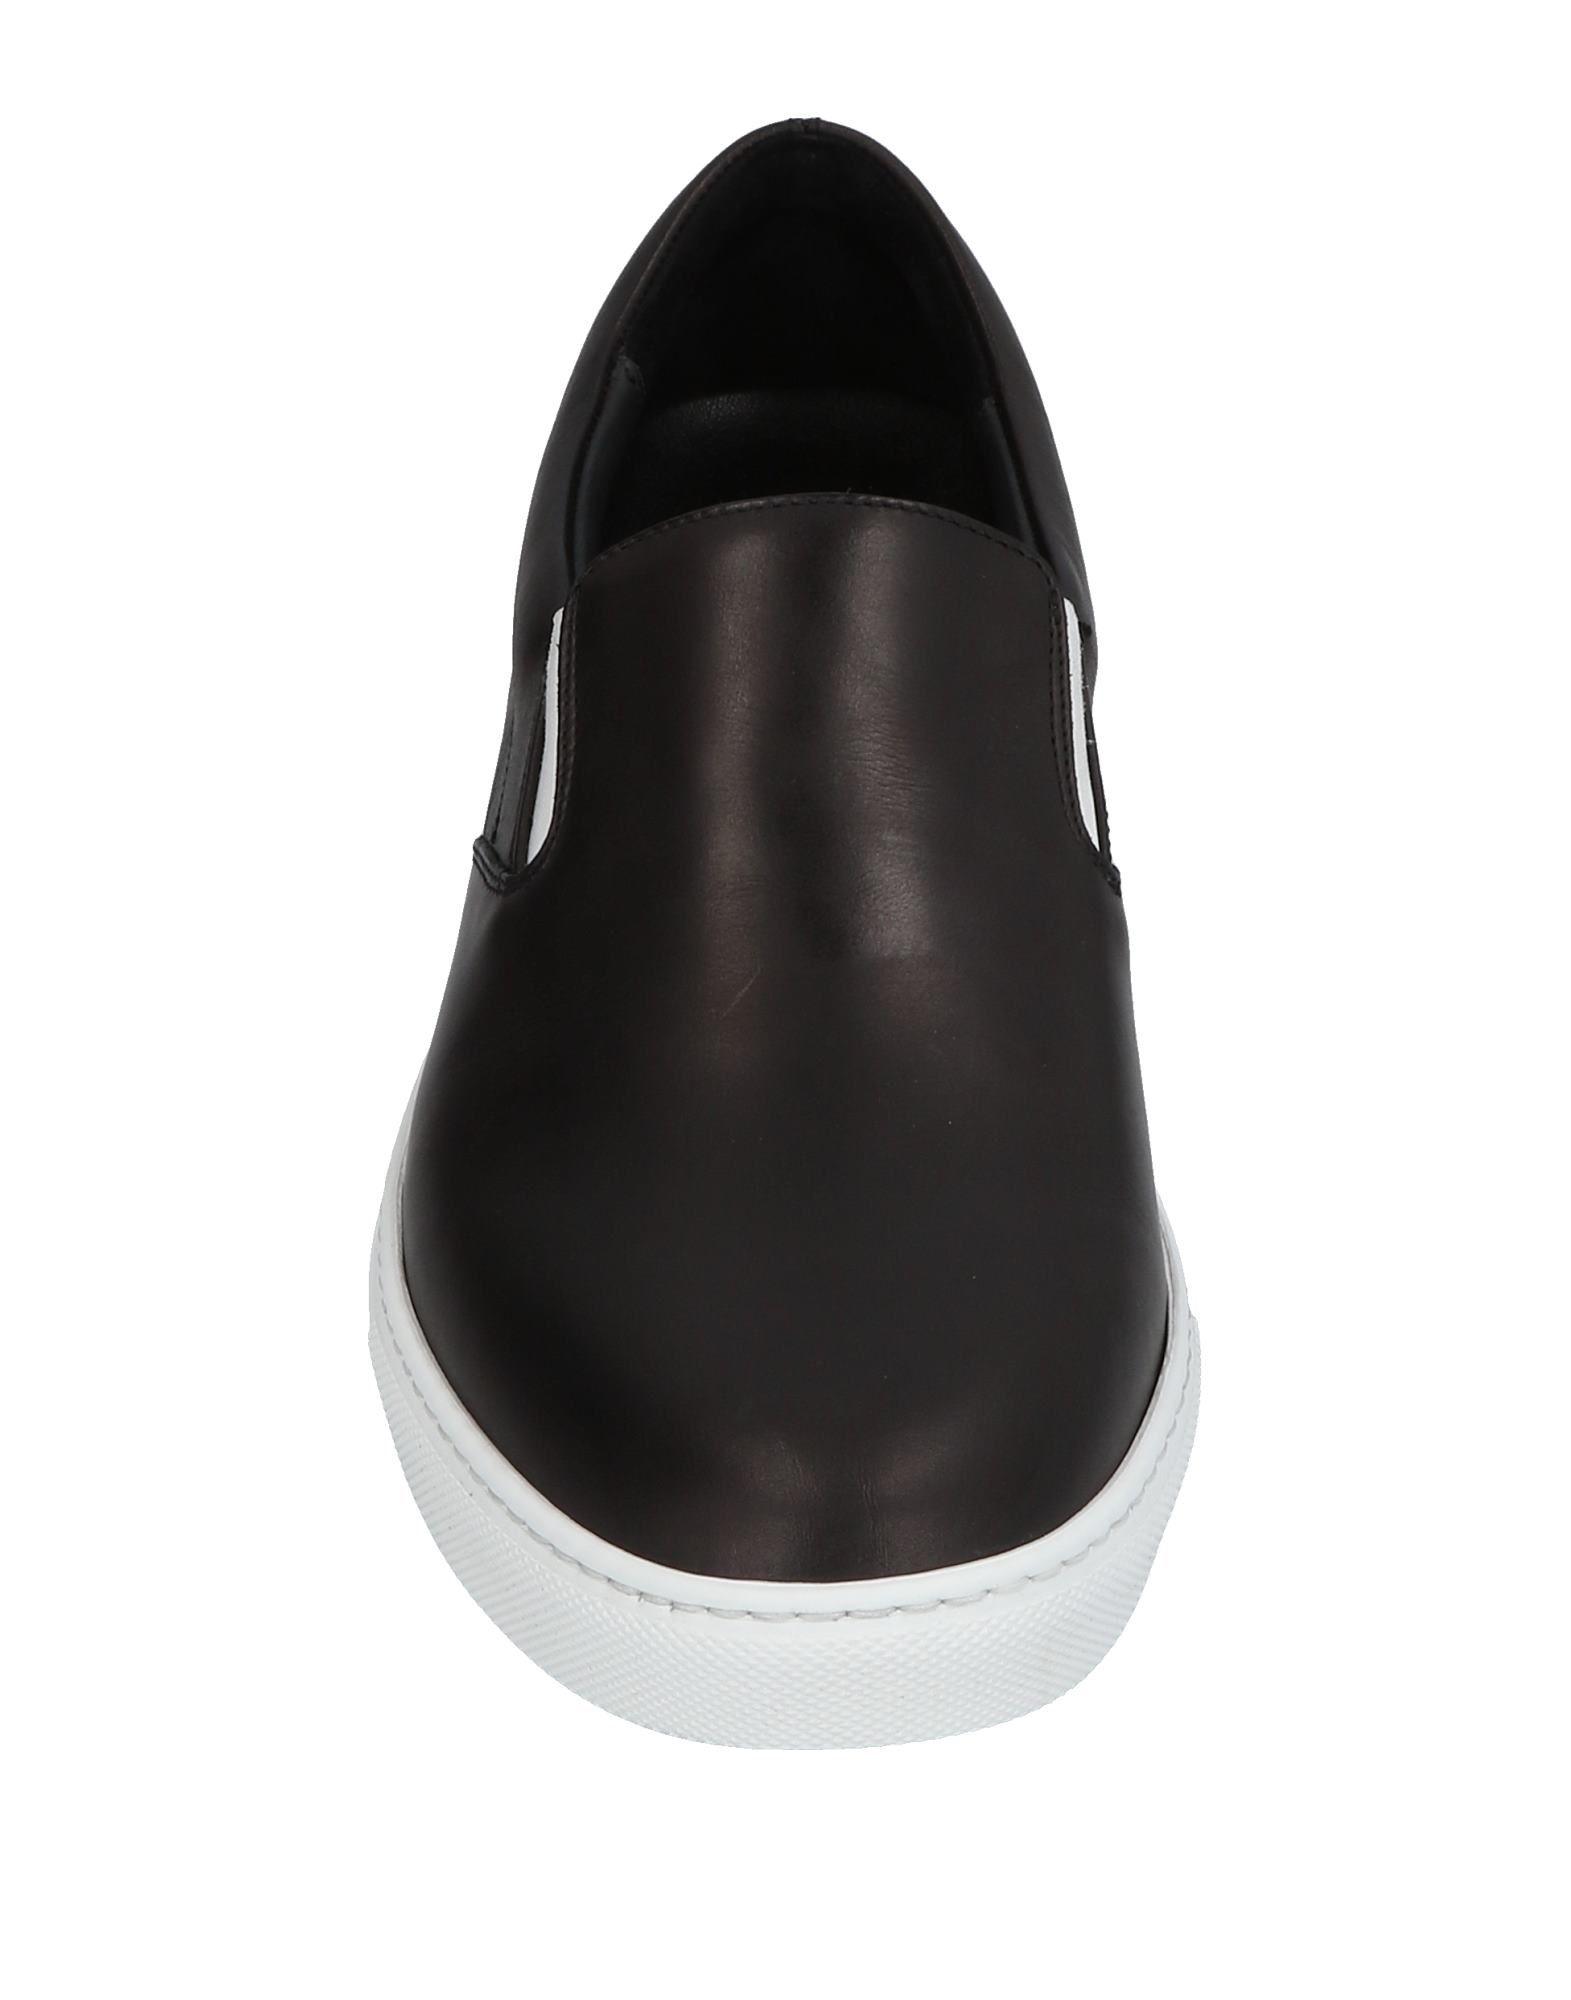 Dsquared2 Sneakers Herren  Schuhe 11423053UN Gute Qualität beliebte Schuhe  5fb46d